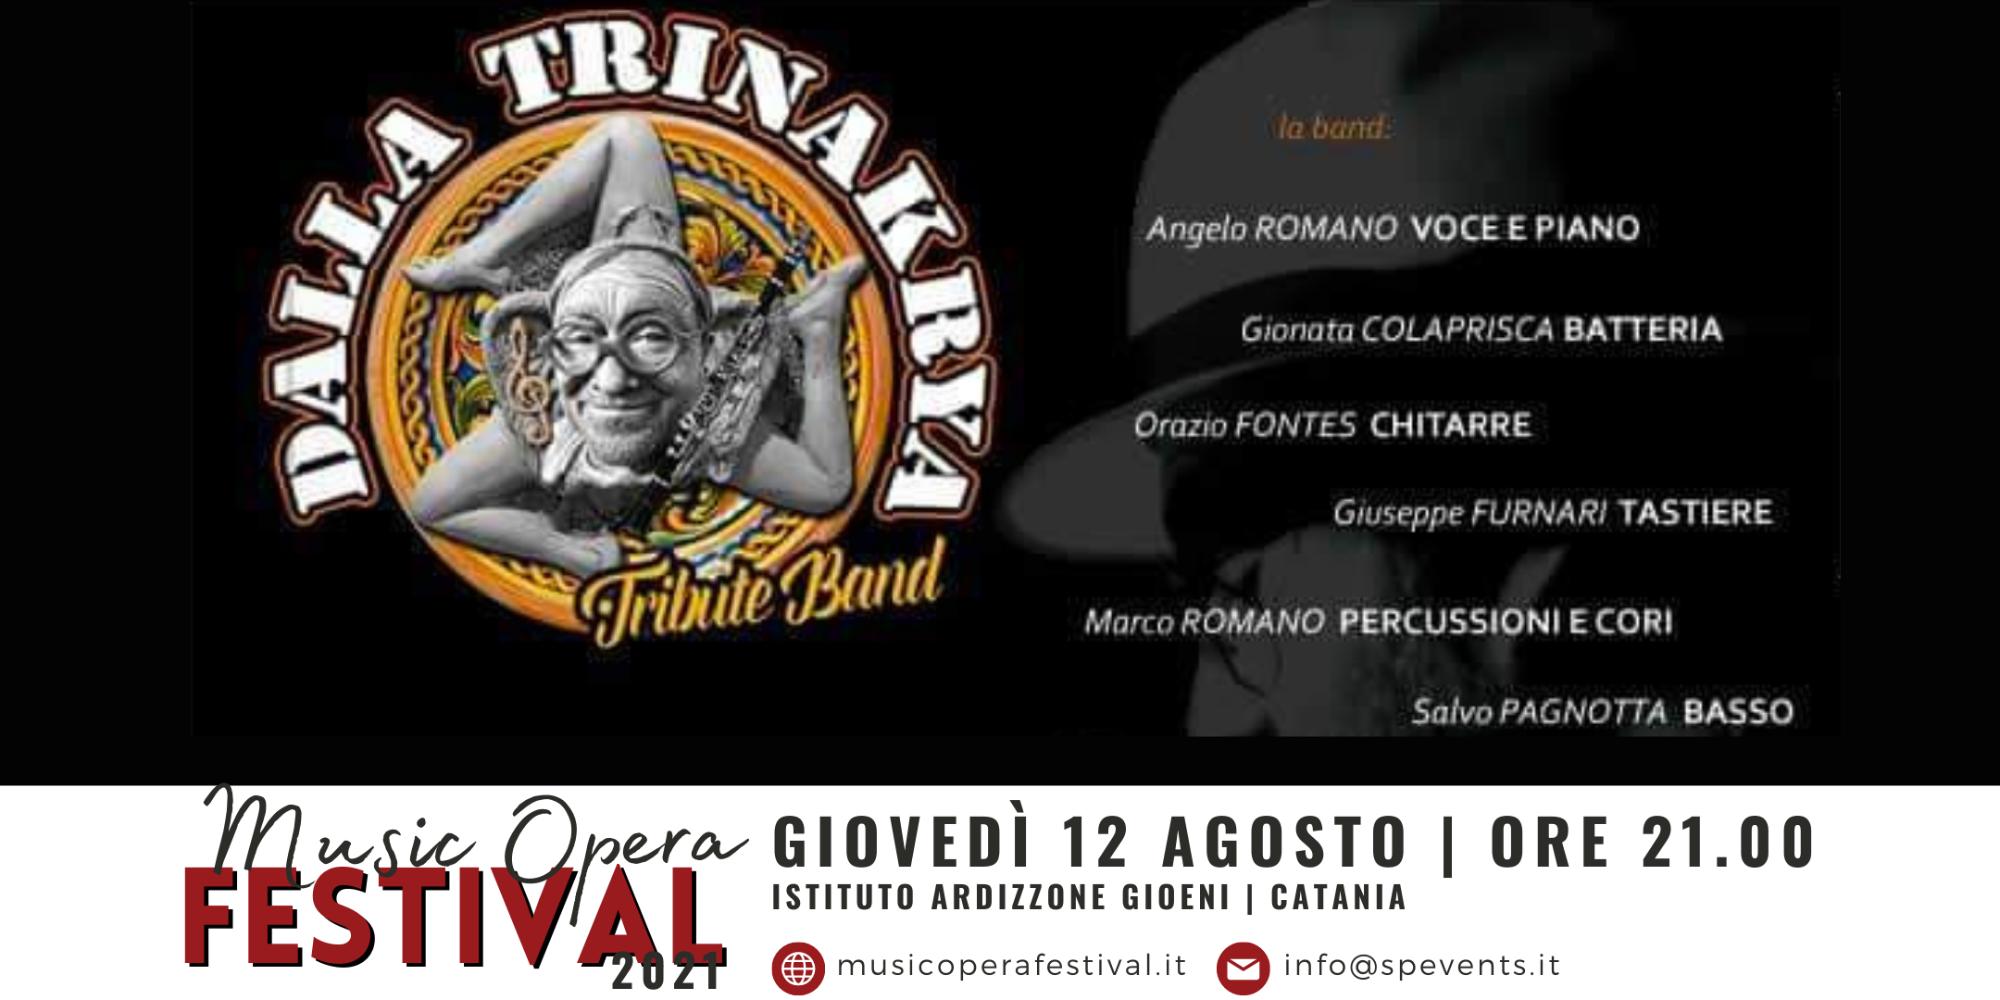 Questa sera all'Ardizzone le più belle canzoni di Lucio Dalla con Gionata Colaprisca, il suo batterista storico e la DallaTrinakria Tribute Band